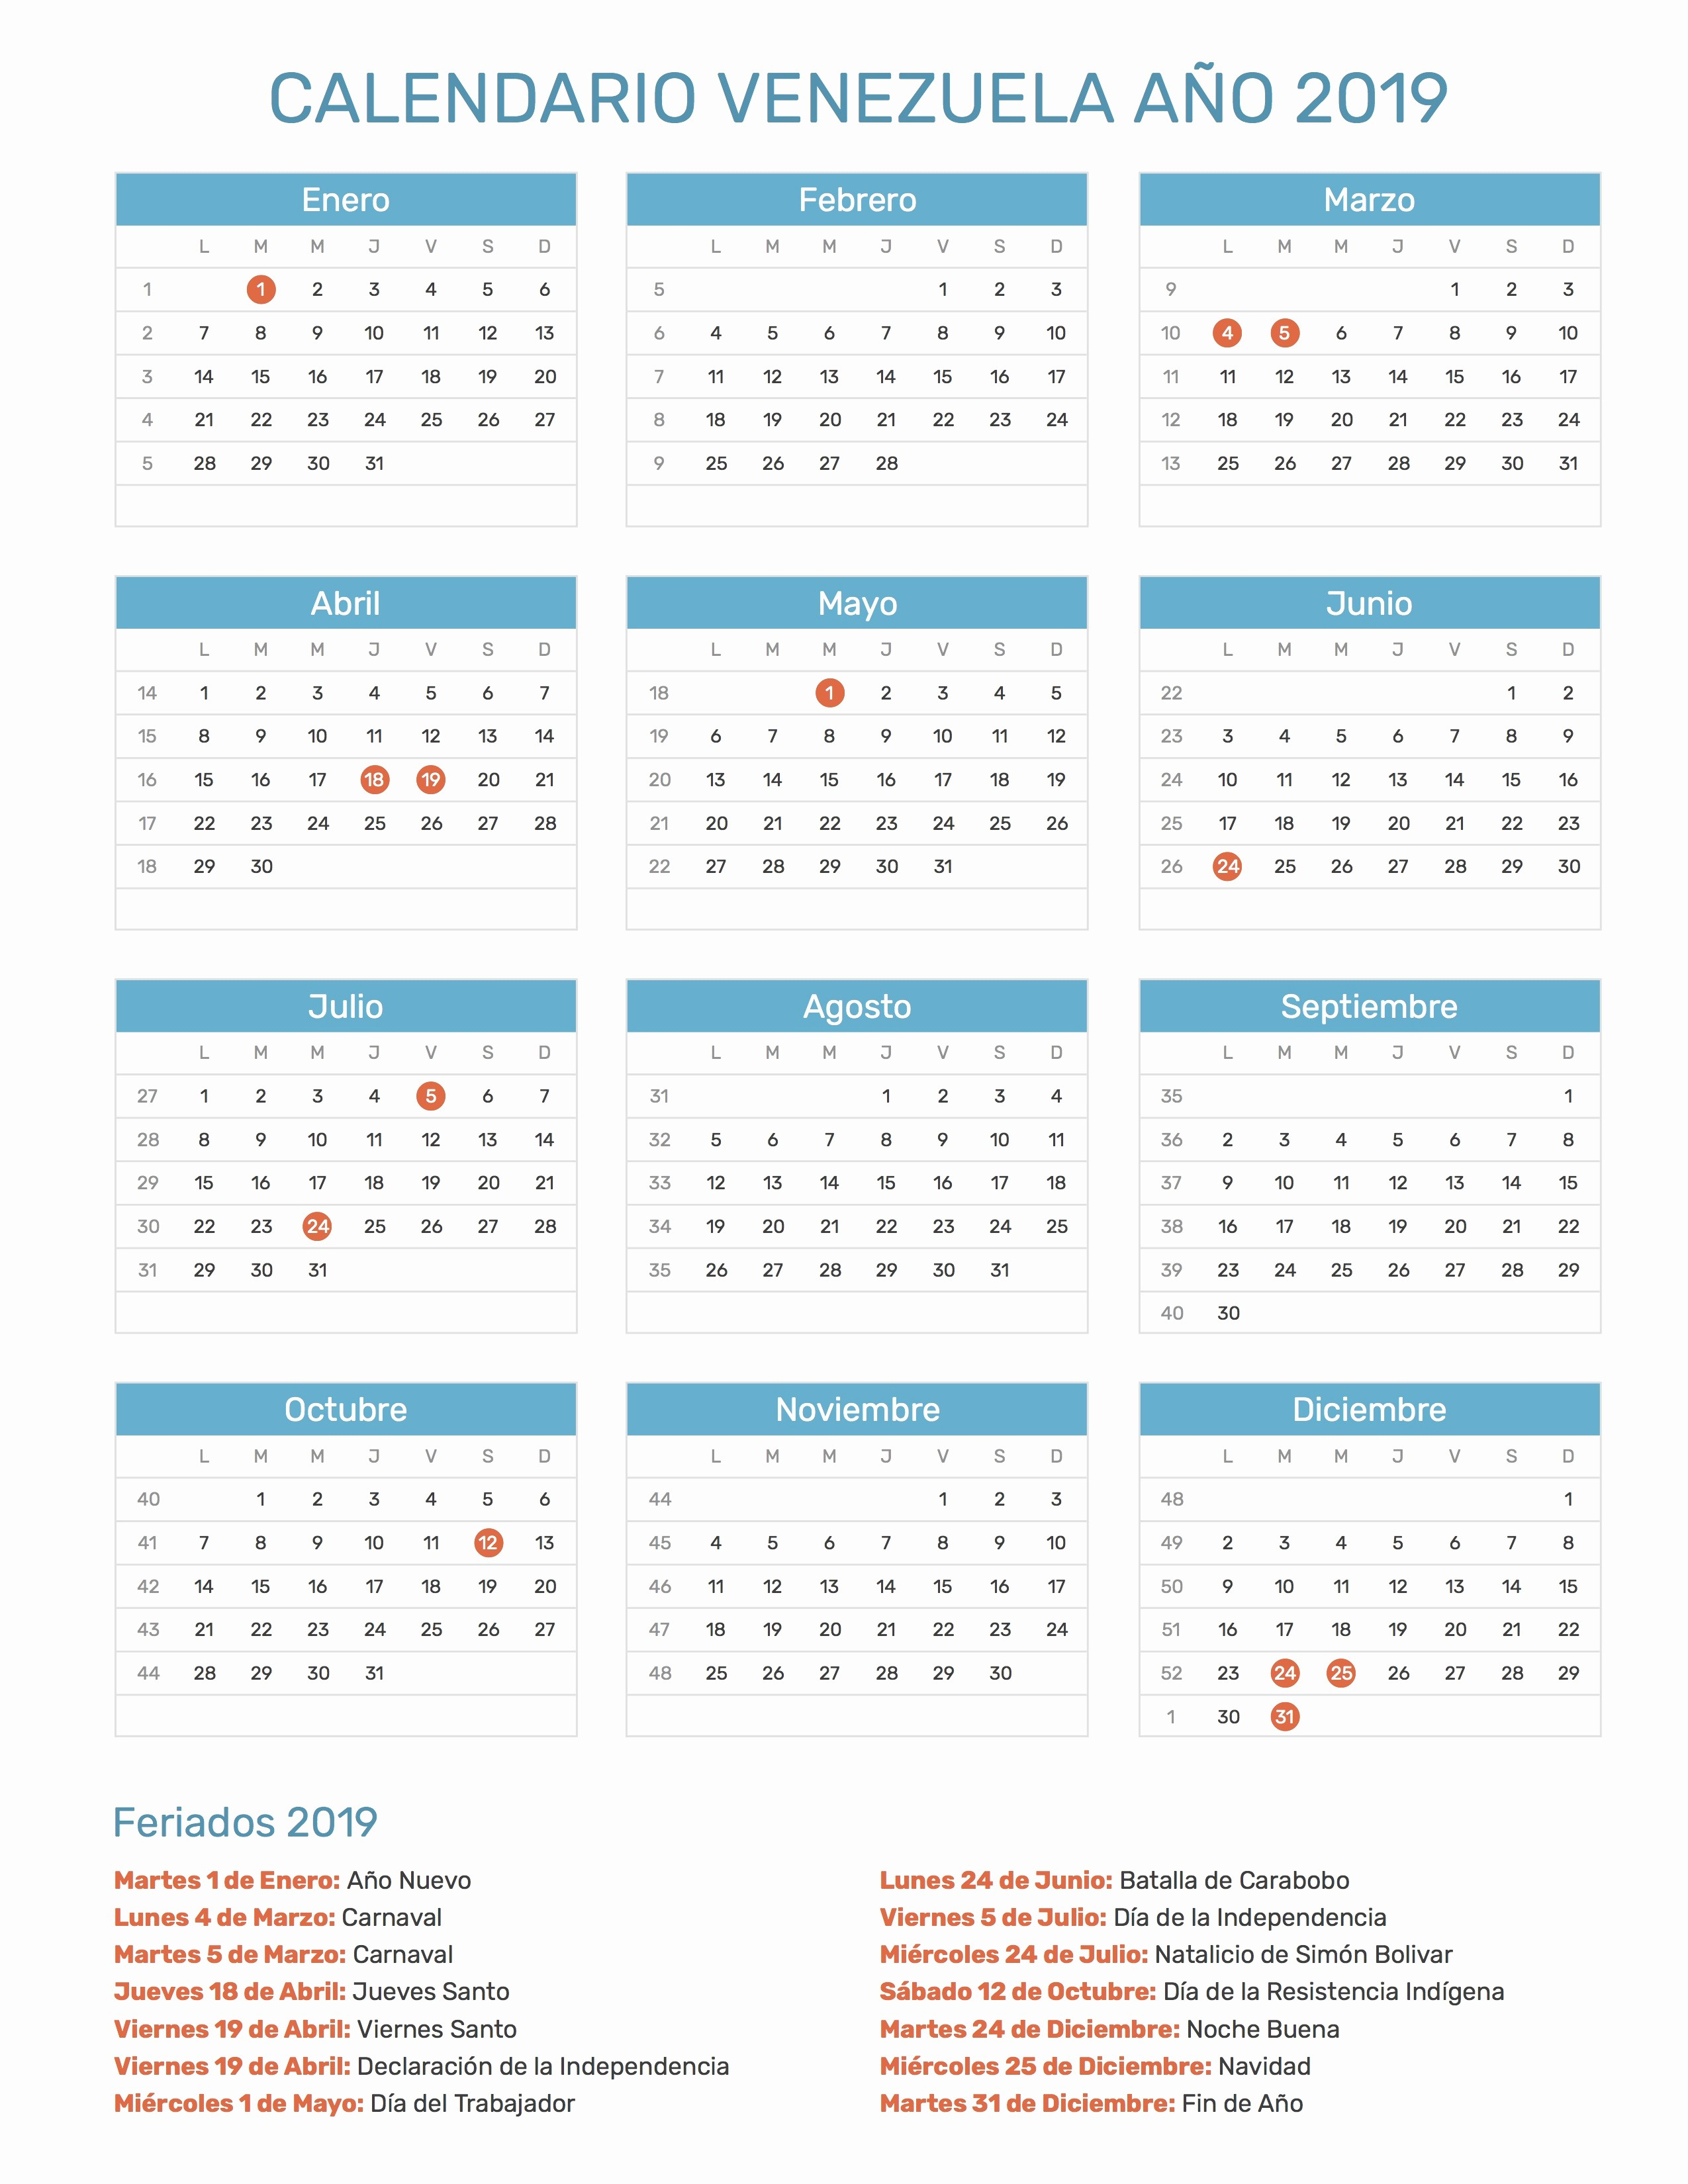 Cada Cuanto Se Repiten Los Calendarios 2019 Calendario Venezuela Ano 2019 Feriados